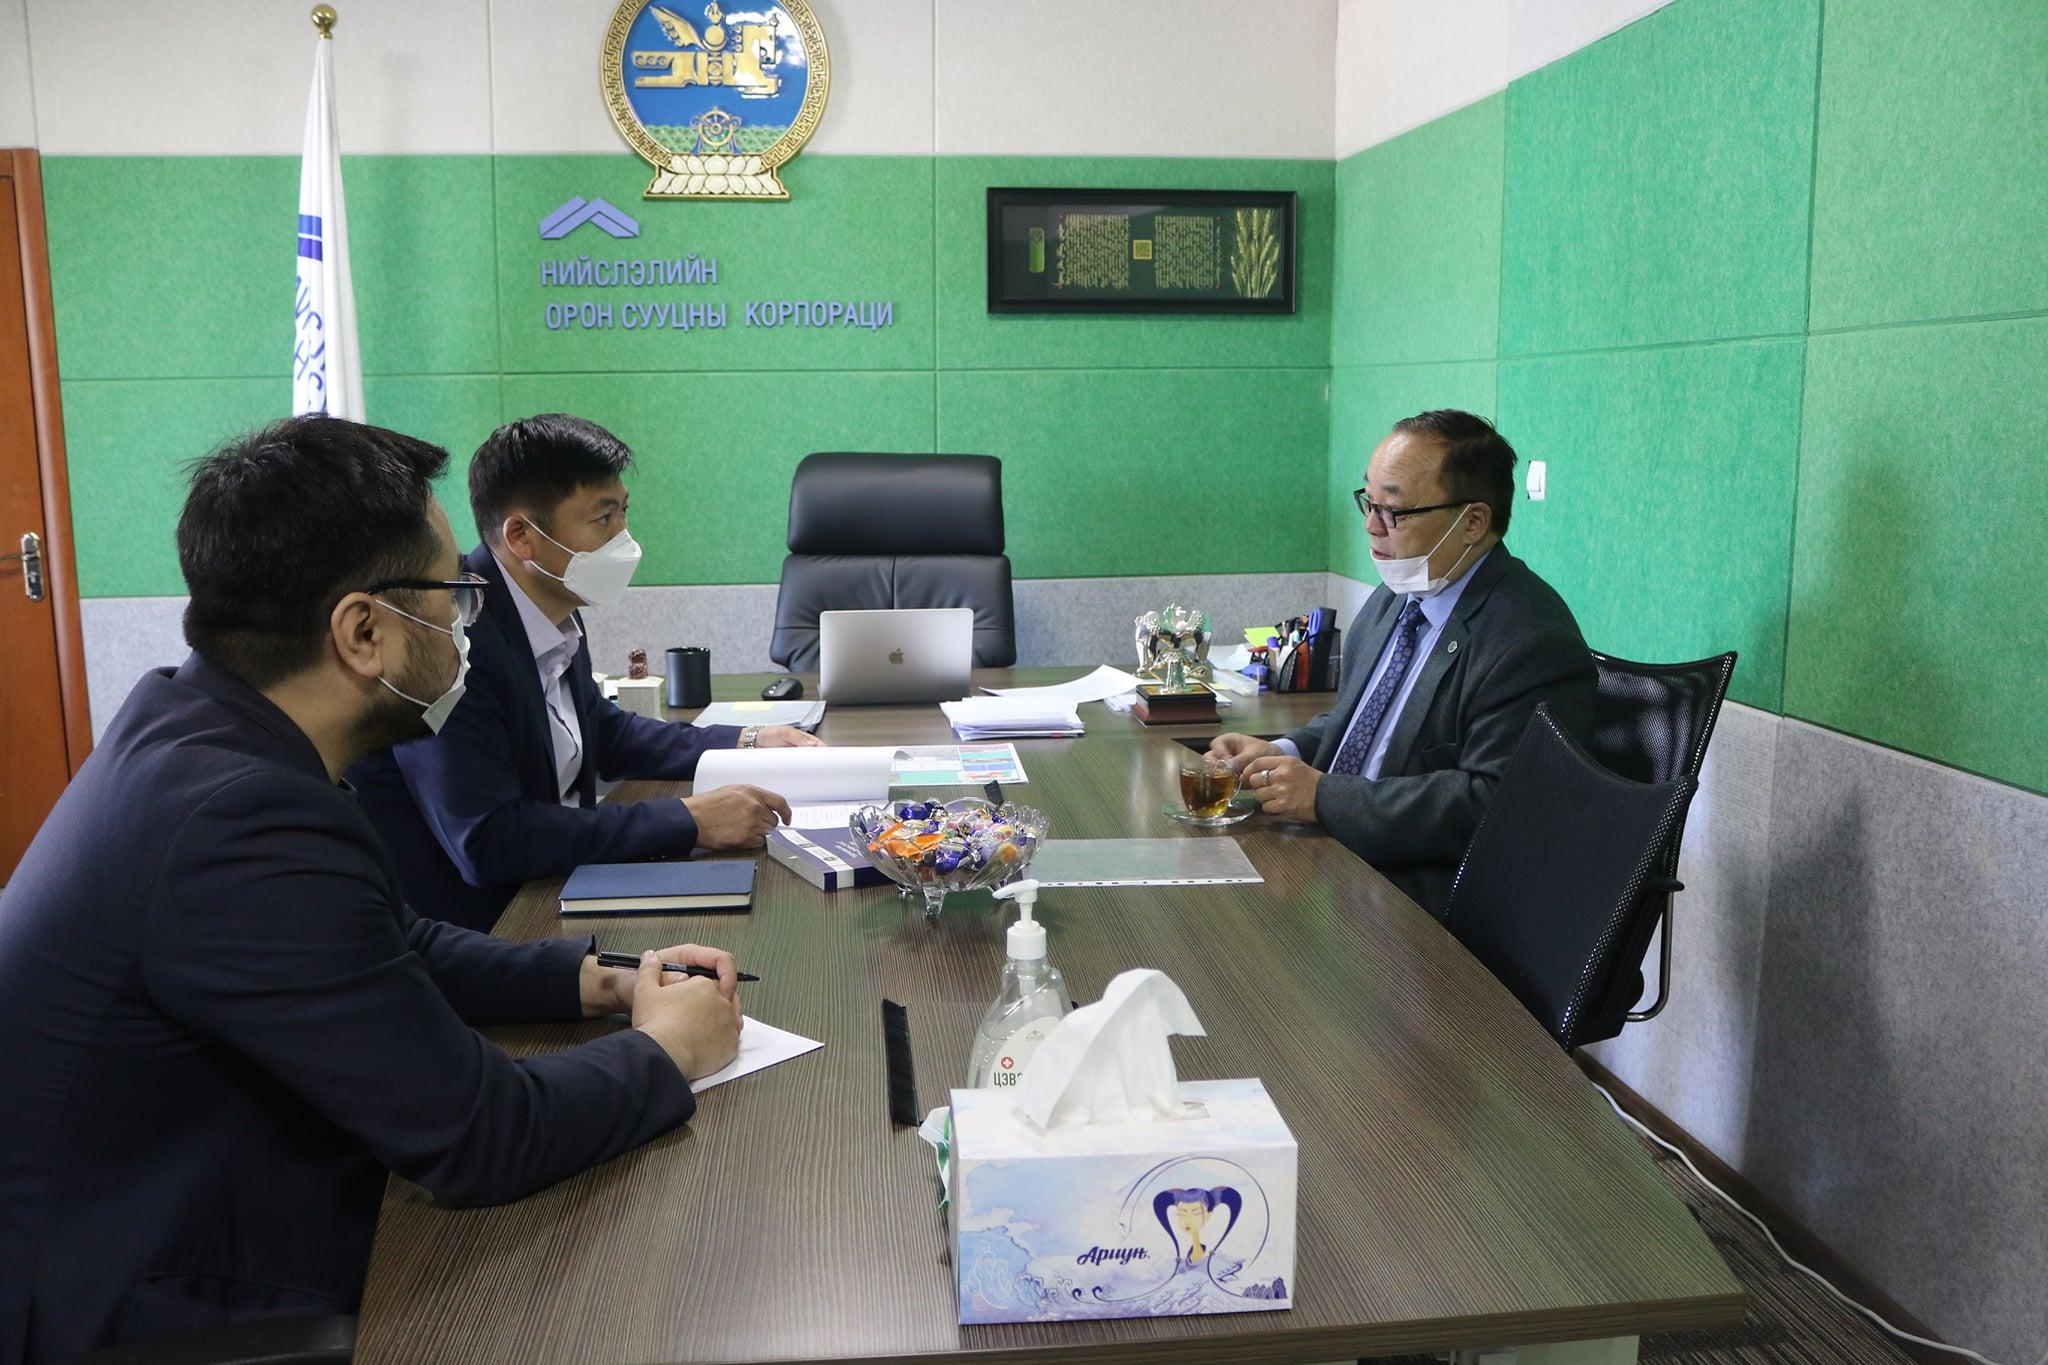 НОСК ХК-ийн удирдлагууд Монголын барилгачдын нэгдсэн холбооны Ерөнхийлөгчтэй хамтран ажиллах талаар уулзалт зохион байгууллаа